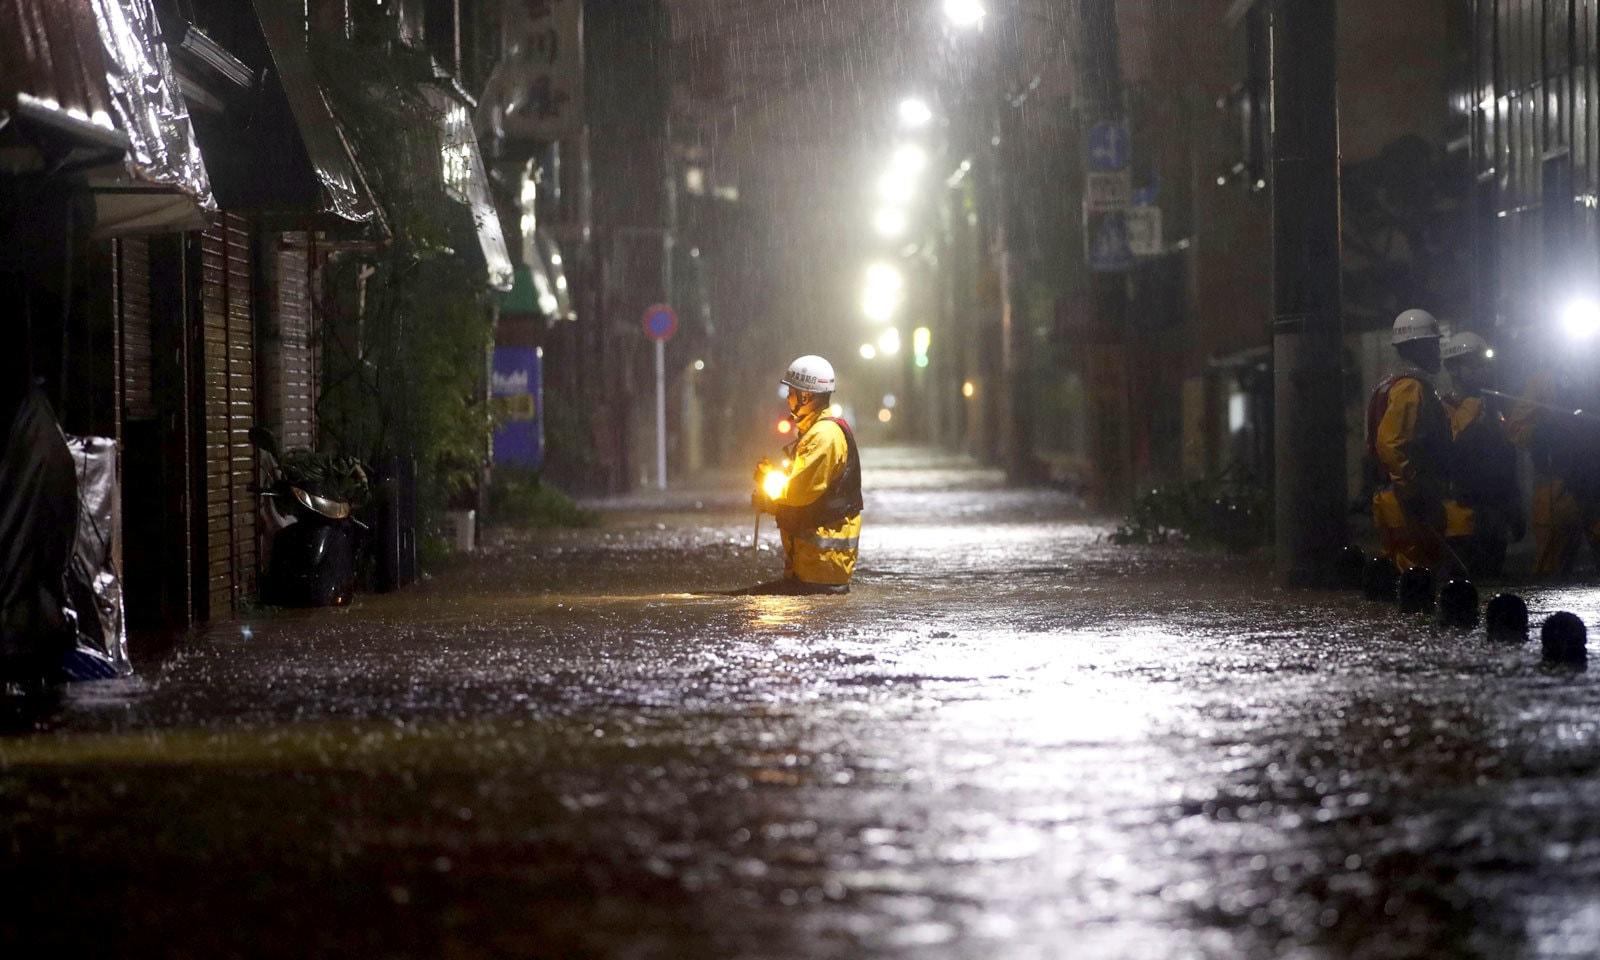 شدید بارش اور طوفان کے بعد سڑک کسی ندی کا منظر پیش کر رہی ہے — فوٹو: رائٹرز